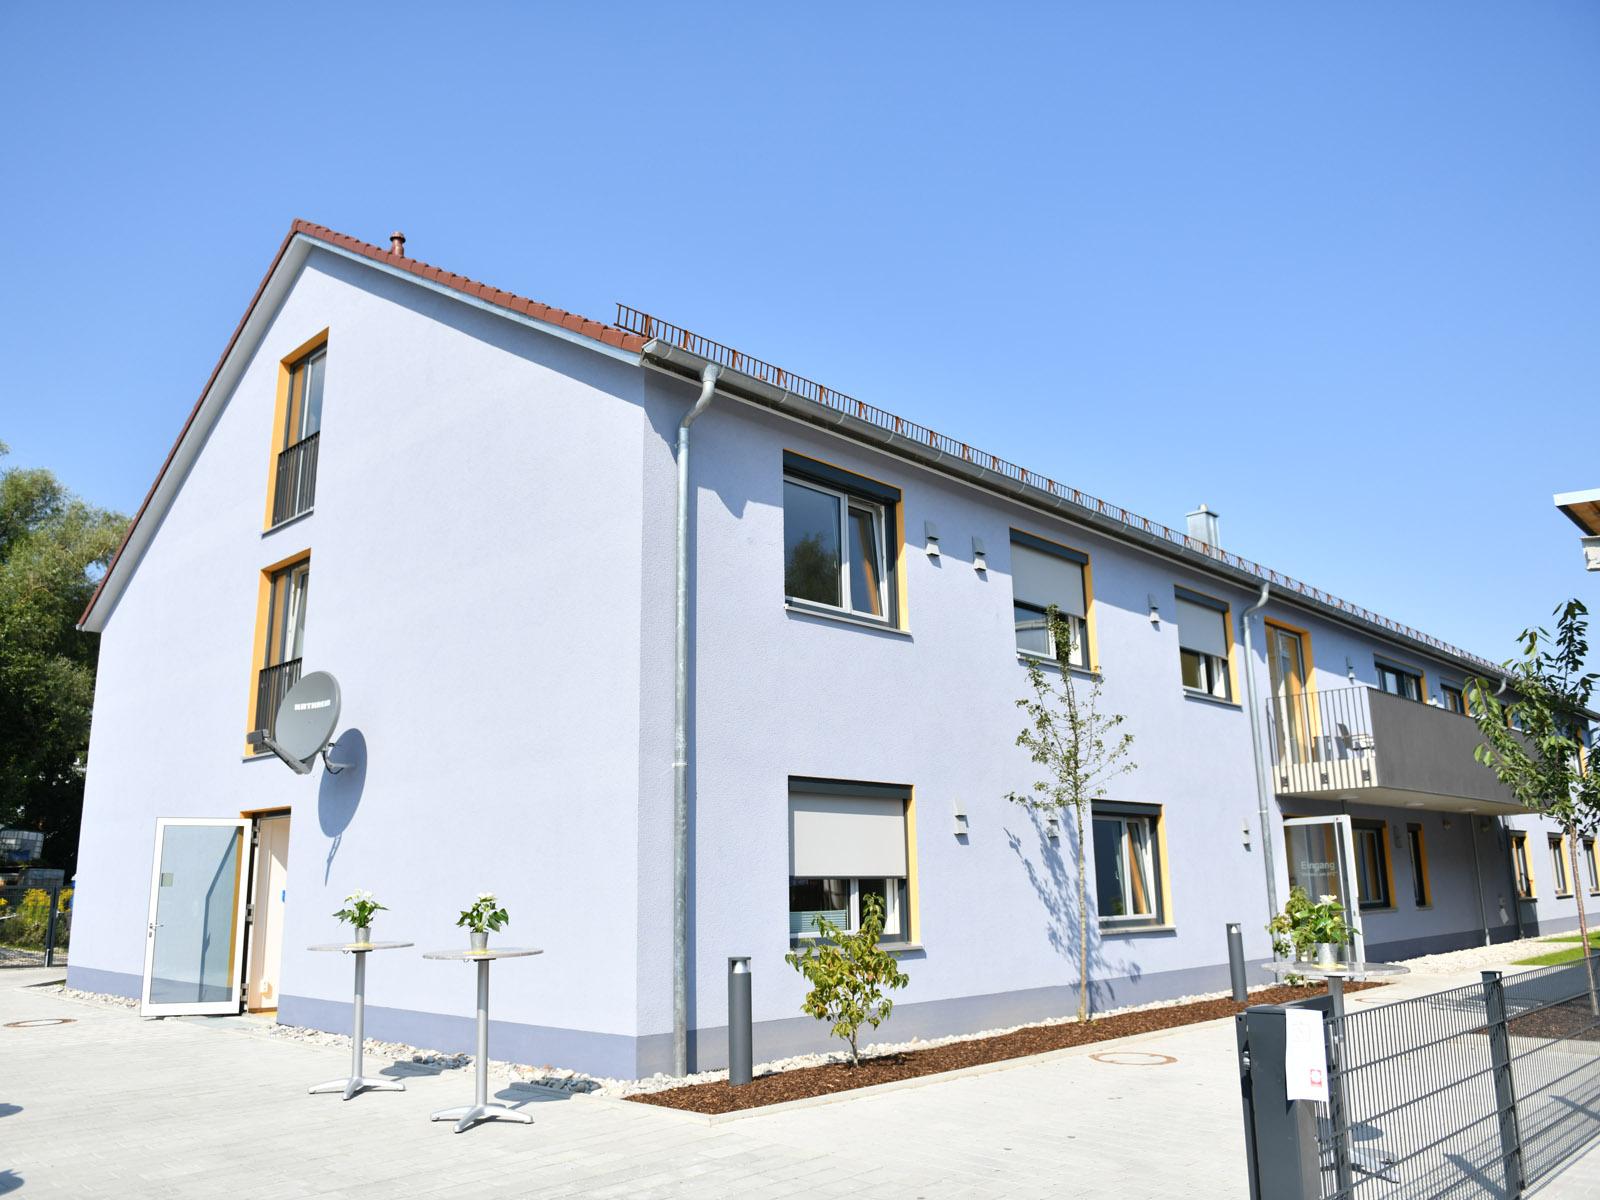 Das neue Caritas-Wohnheim bietet bis zu 20 Menschen Platz.